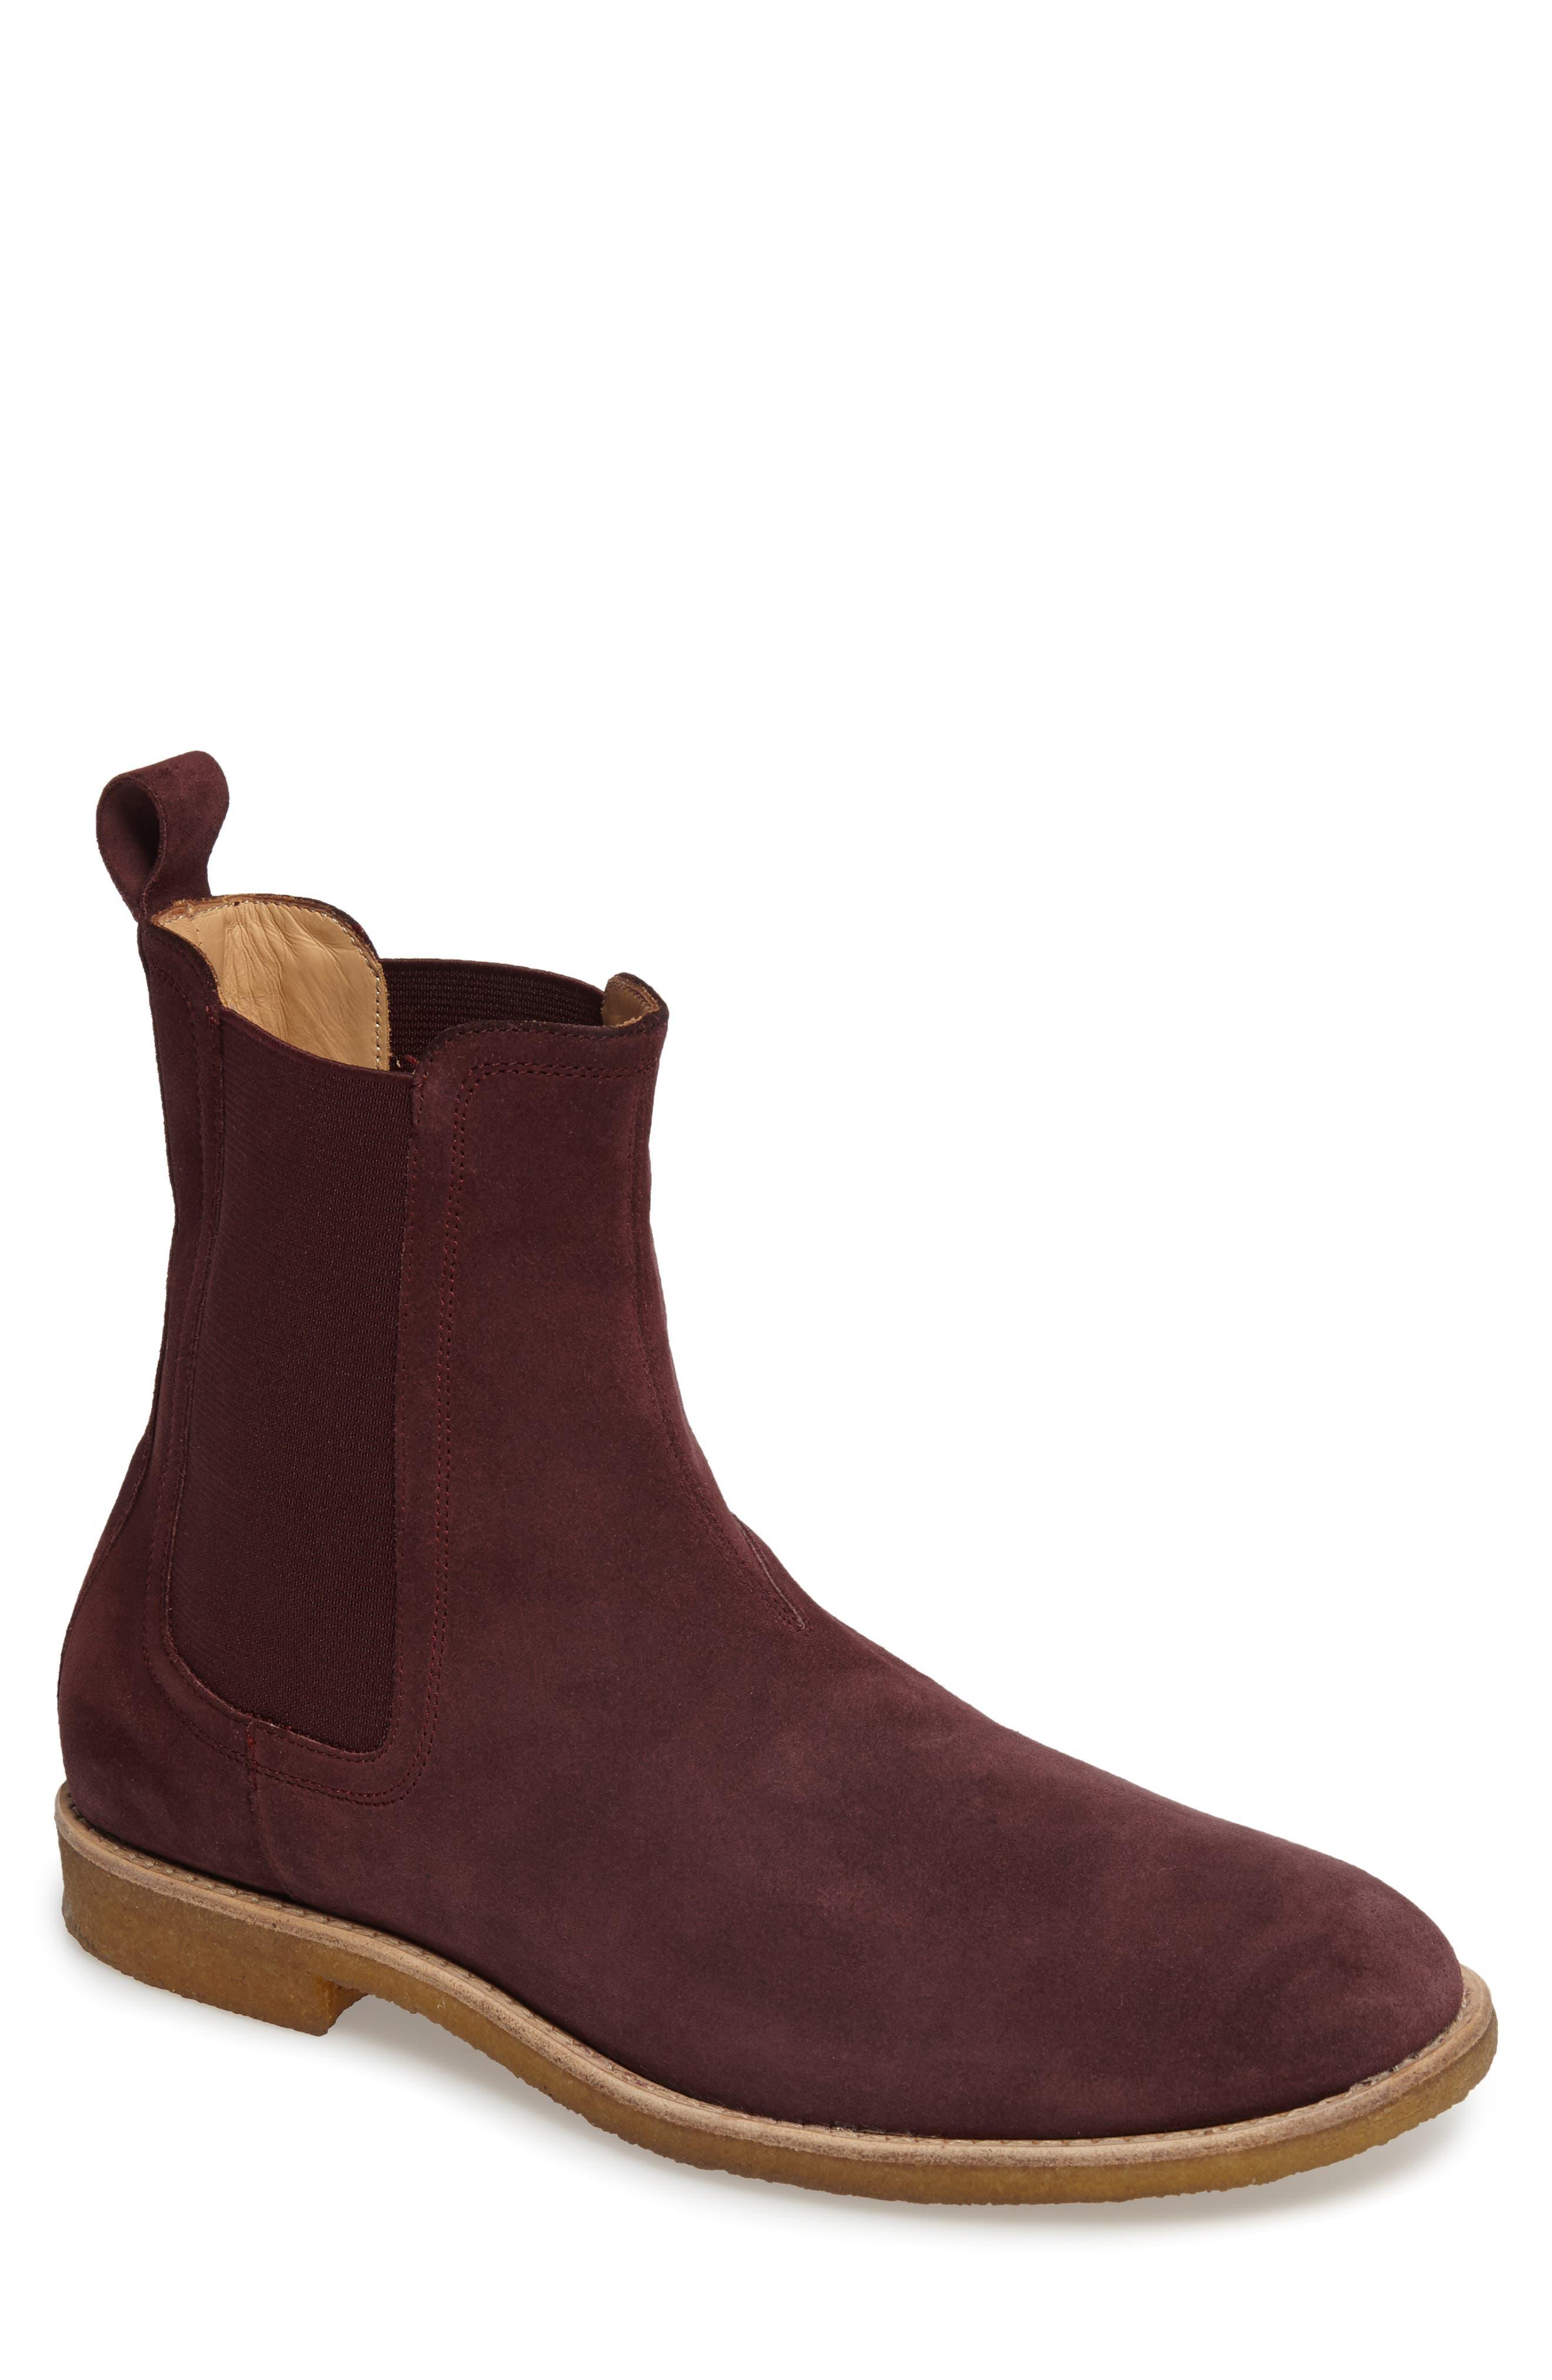 Chelsea Boot,                             Main thumbnail 1, color,                             Prunga Burgundy